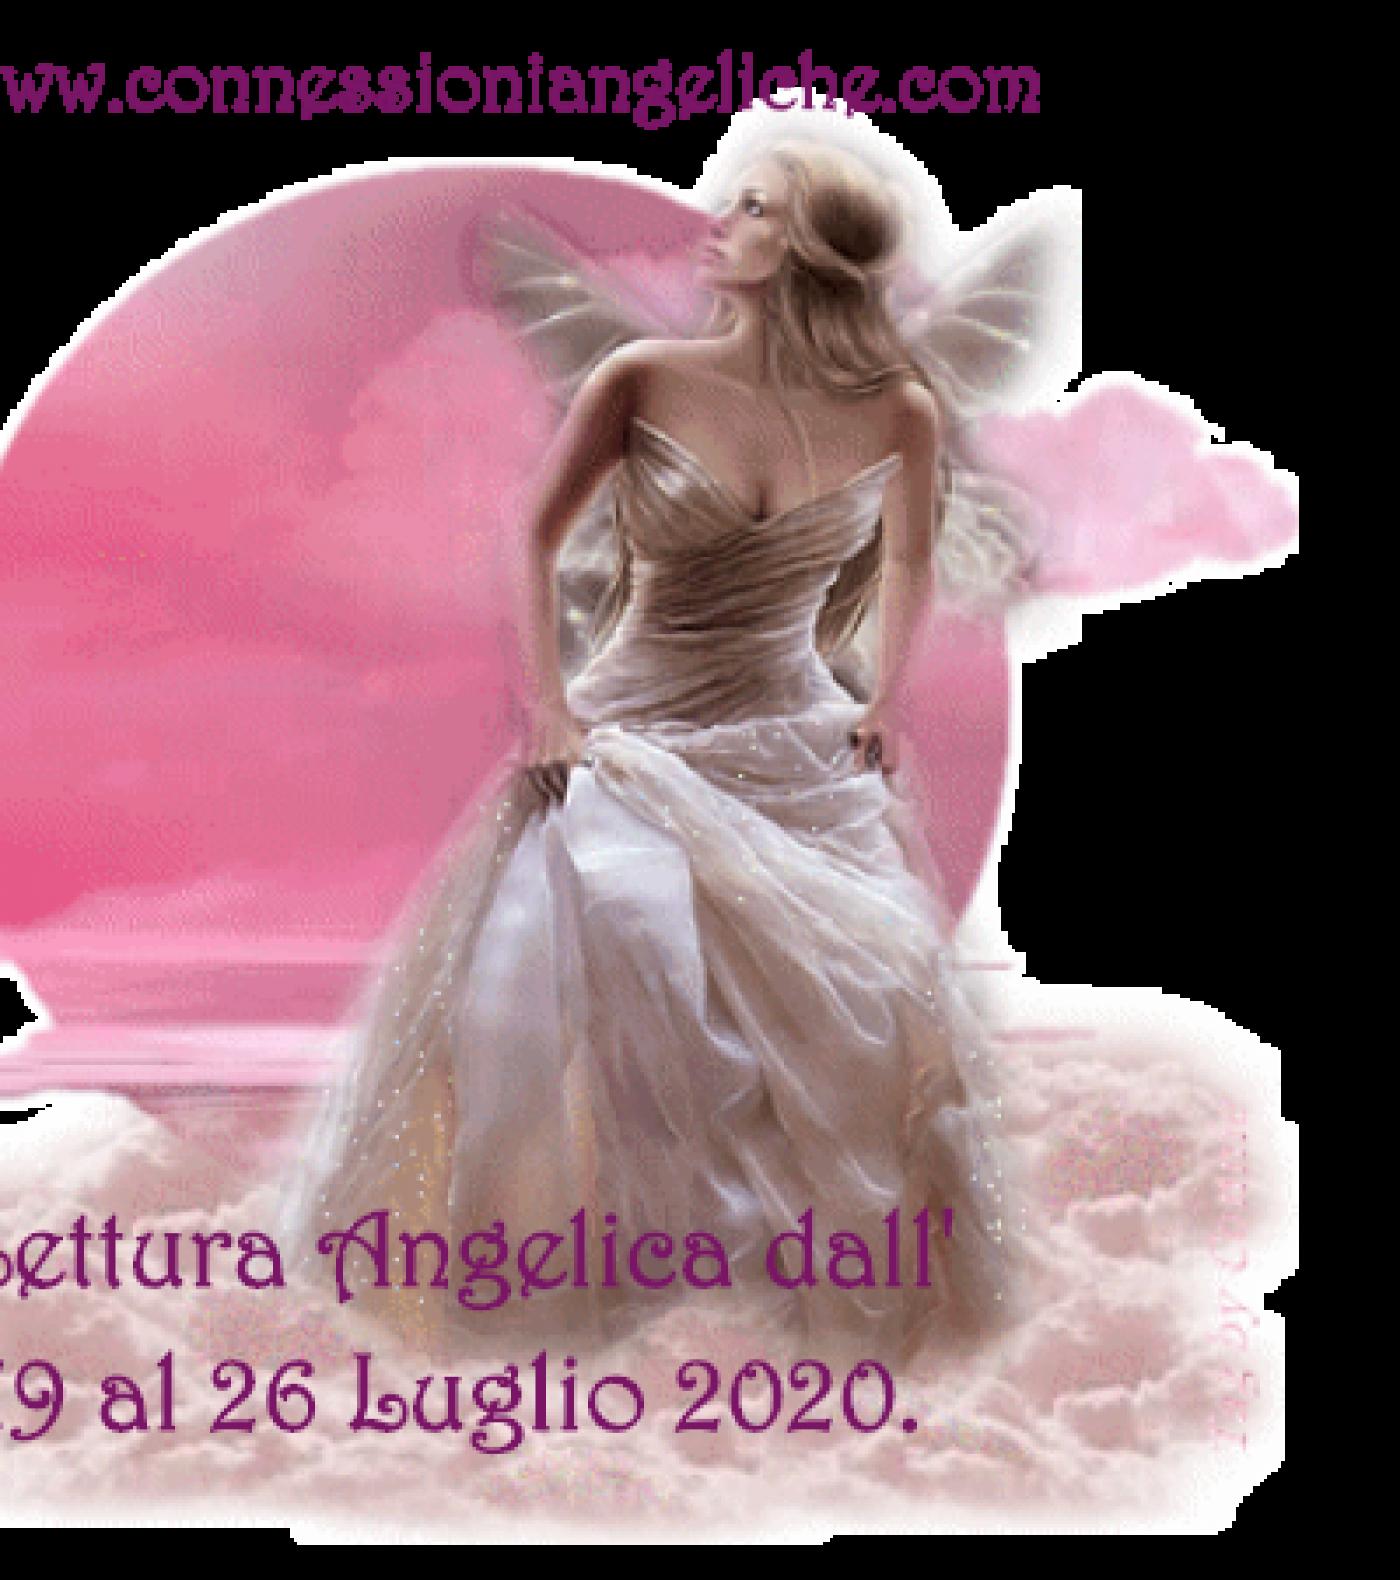 LETTURA ANGELICA CON L' ARCANGELO MICHELE DAL 19 AL 26 LUGLIO 2020 – NUOVA CONSAPEVOLEZZA!